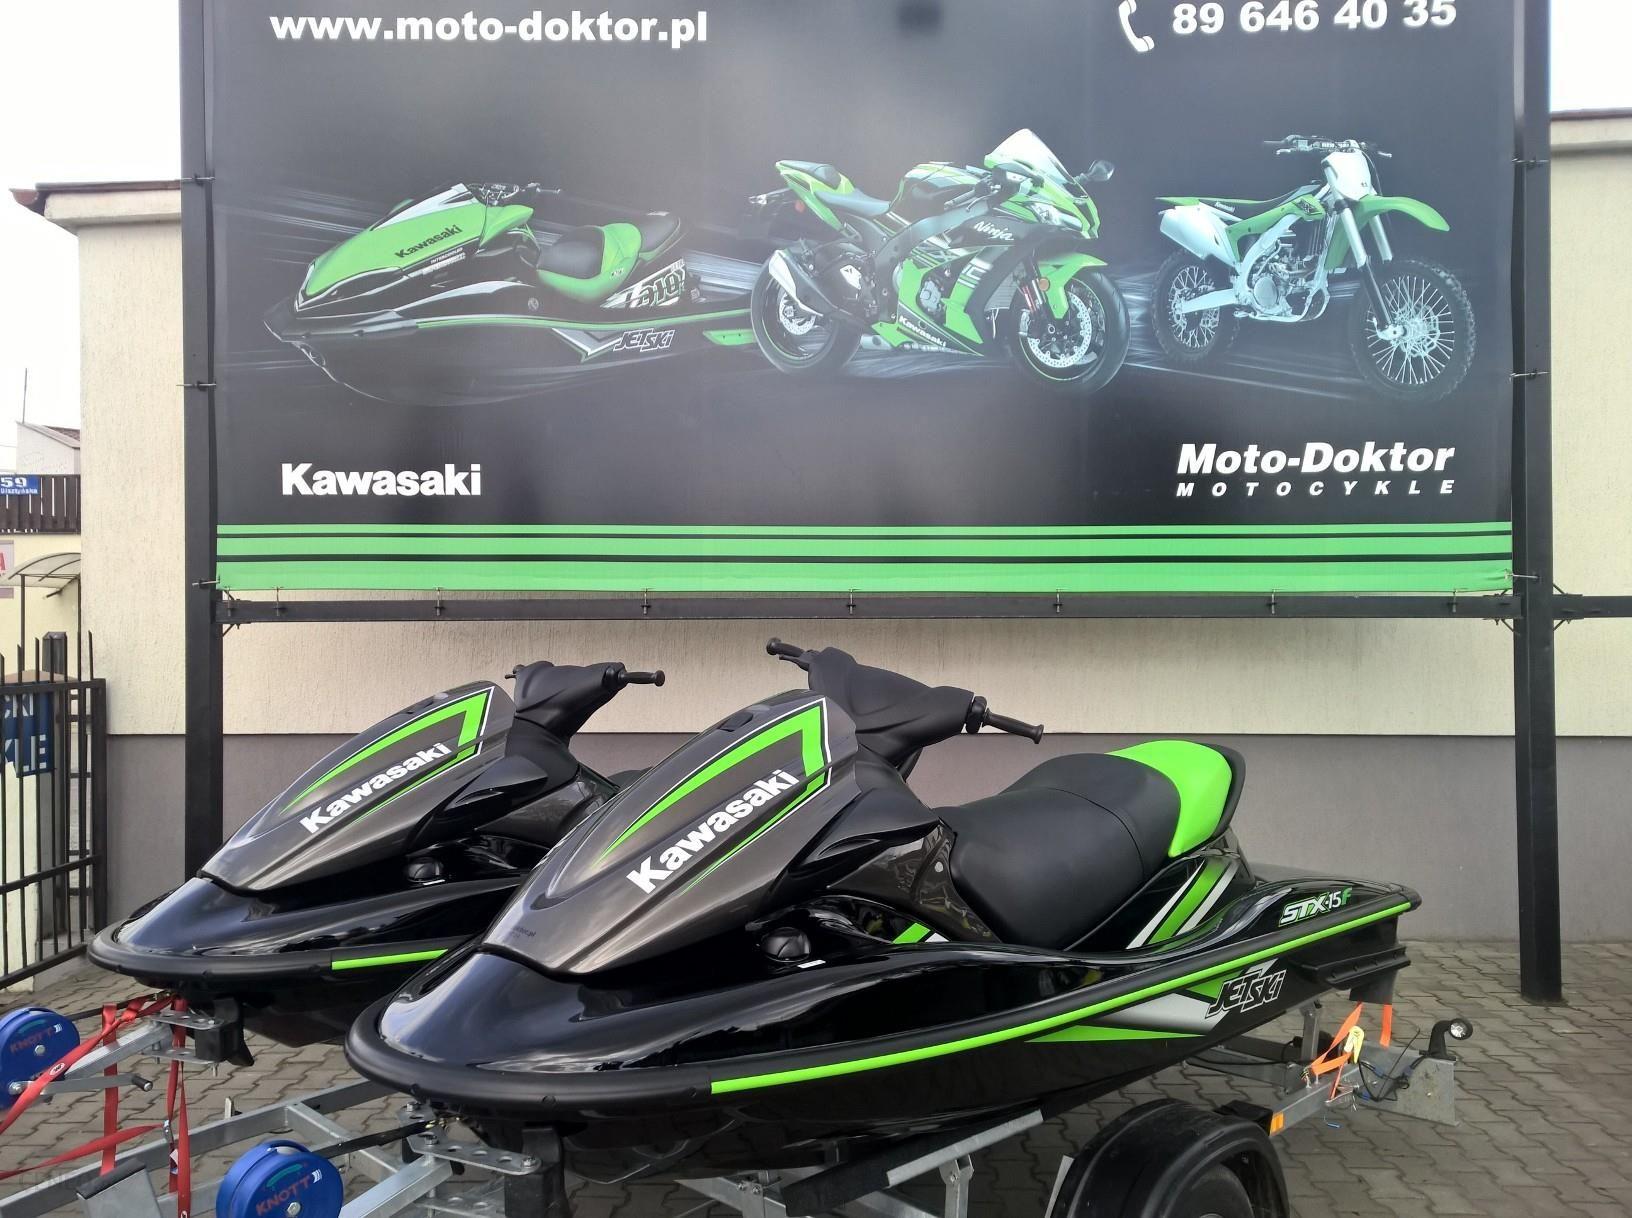 Kawasaki Stx 15f Stx Moto Doktor Leasing Opinie I Ceny Na Ceneopl